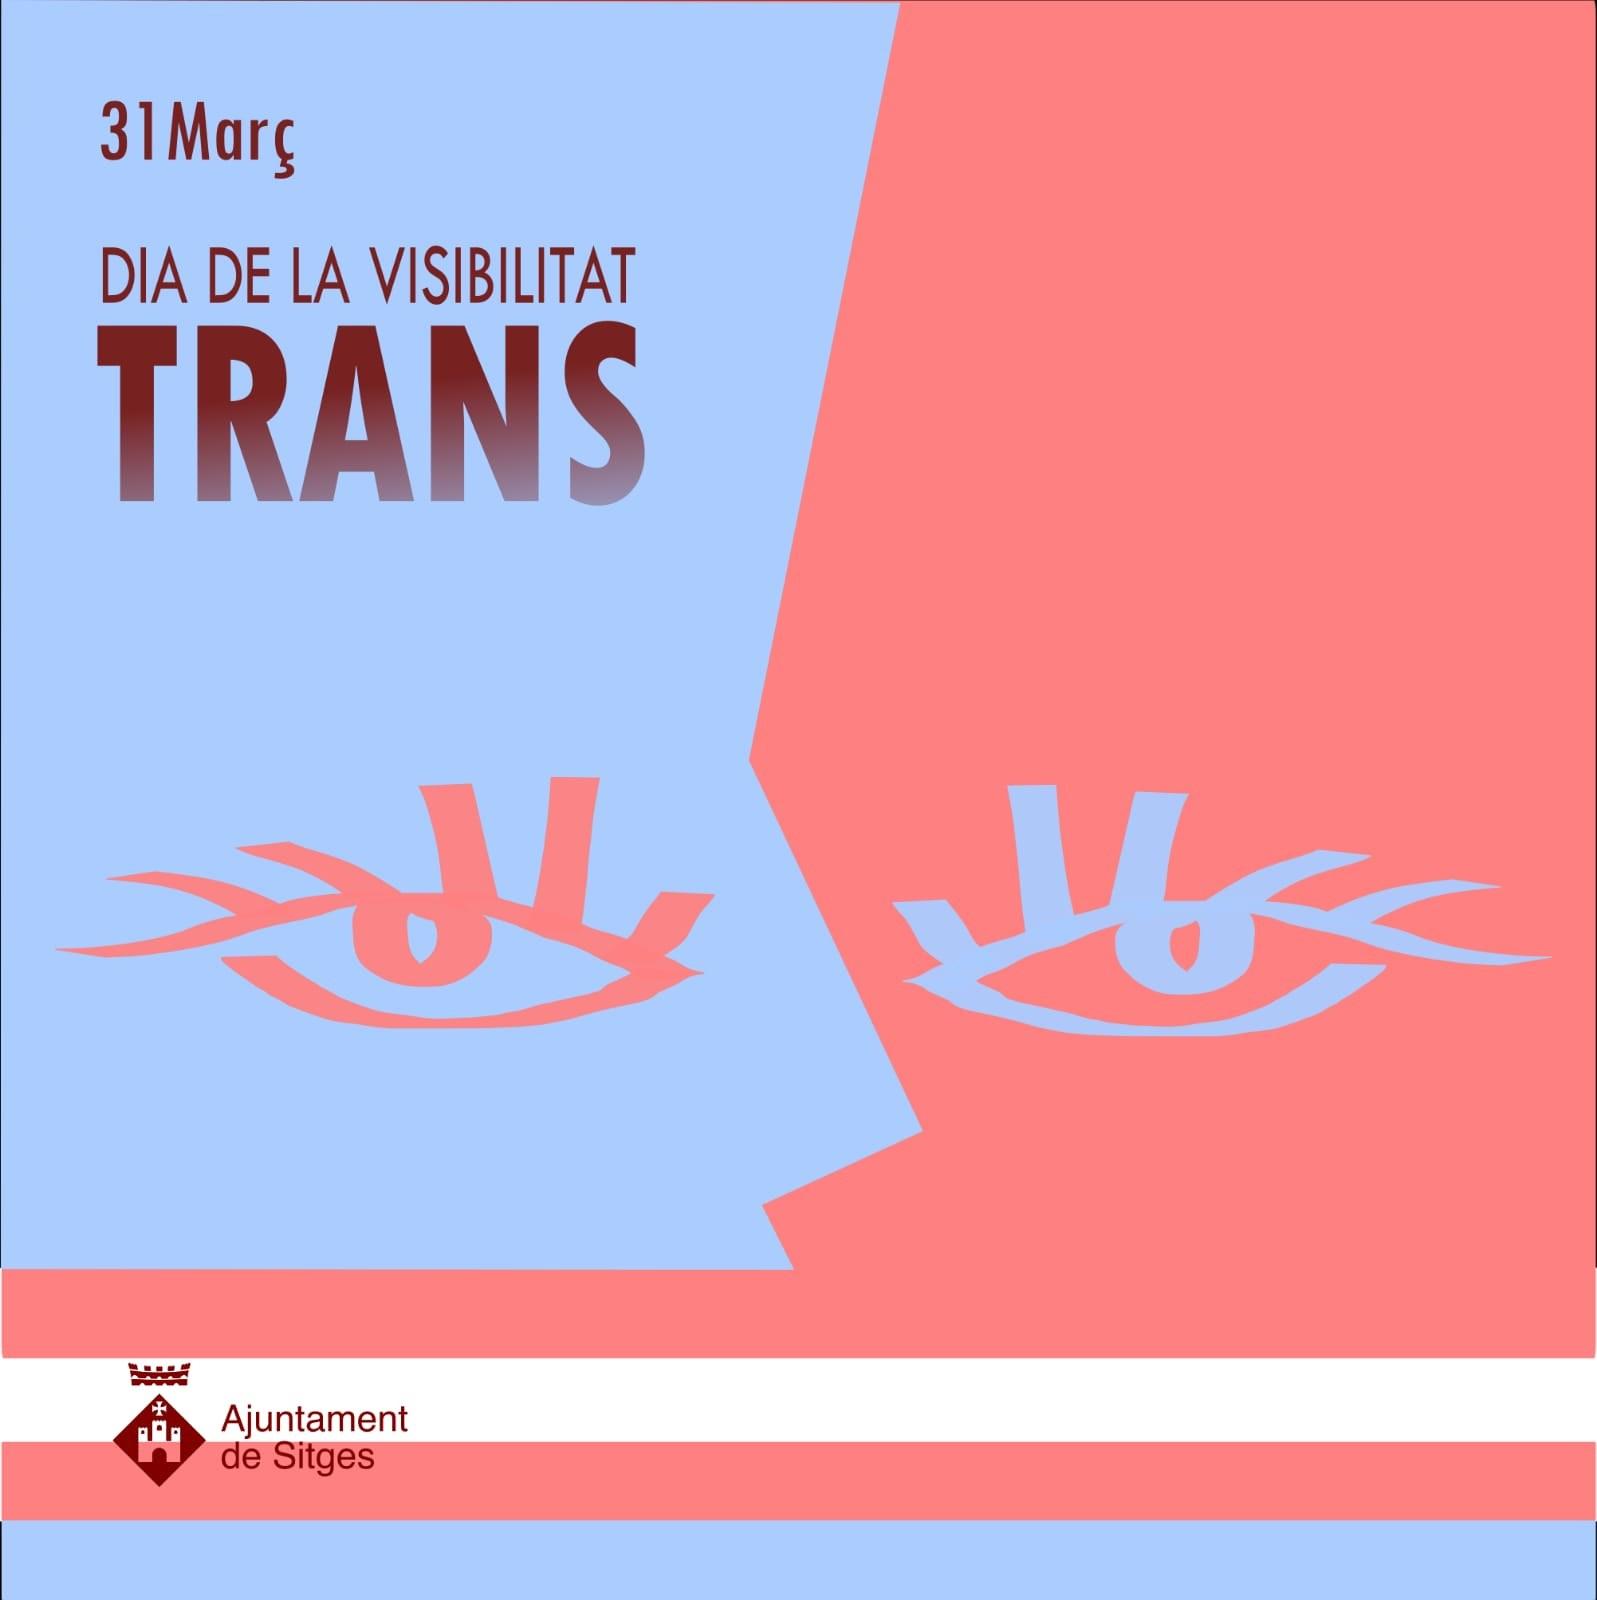 L'Ajuntament se suma aquest dimarts al Dia per a la Visibilitat Trans